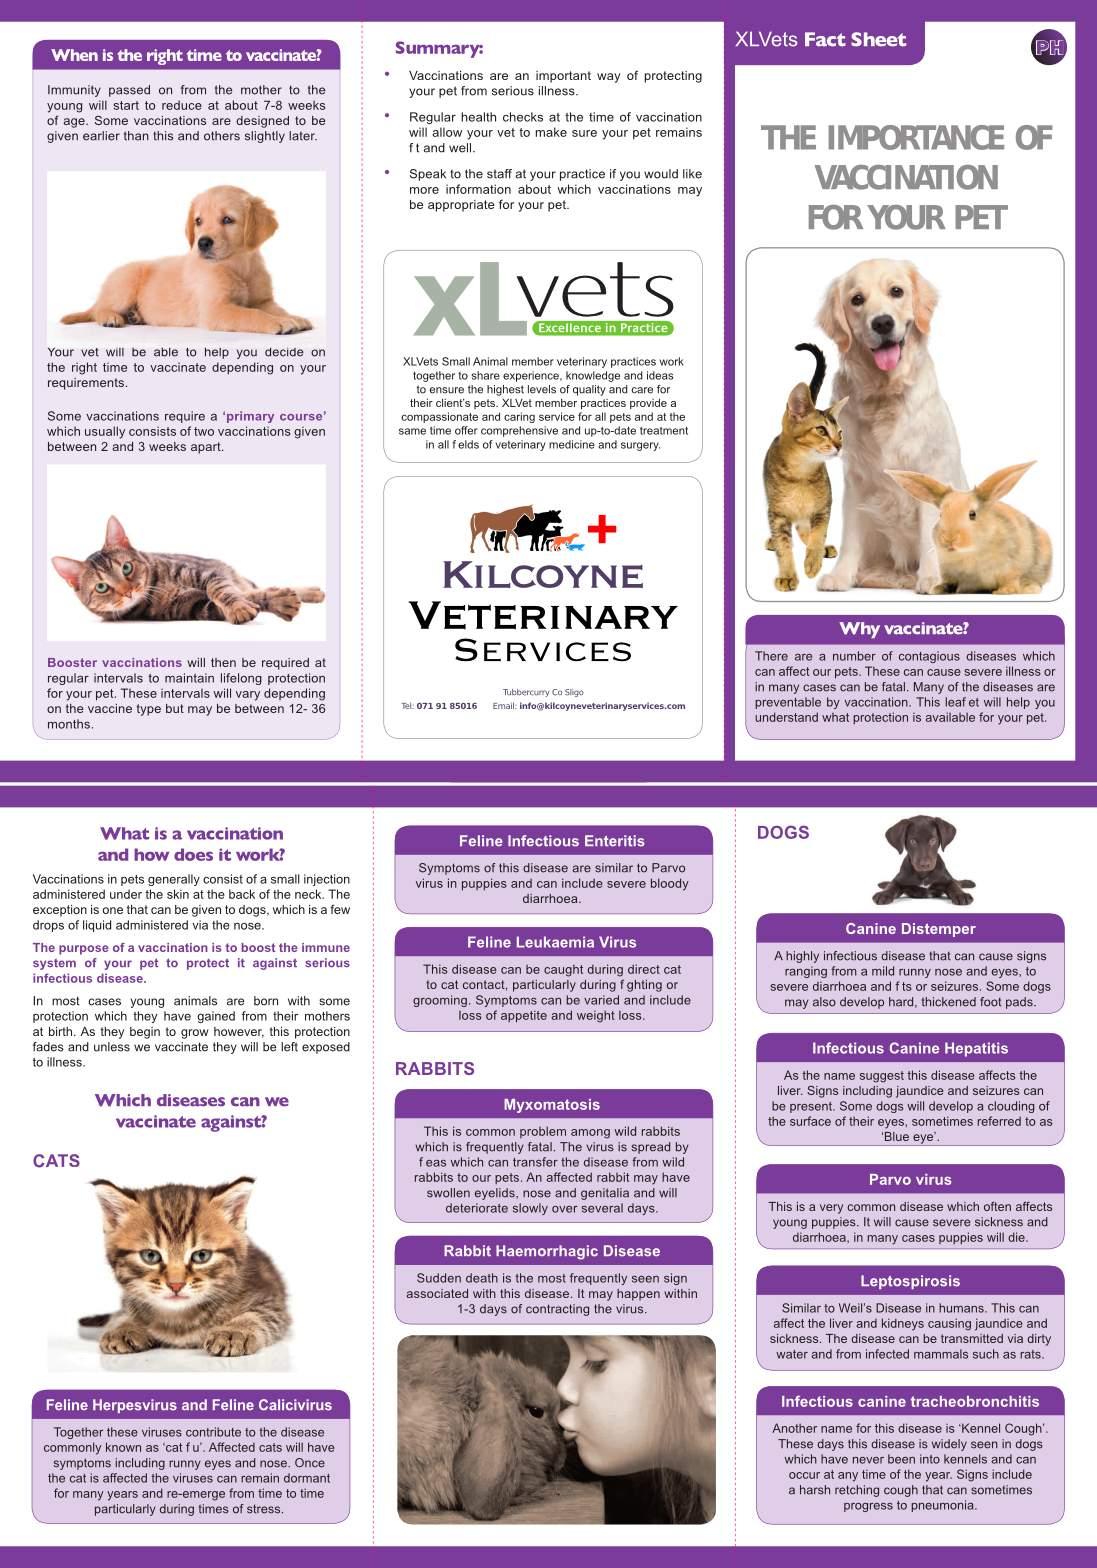 kilcoyne_veterinary_services_xlvets_factsheet_vaccinations